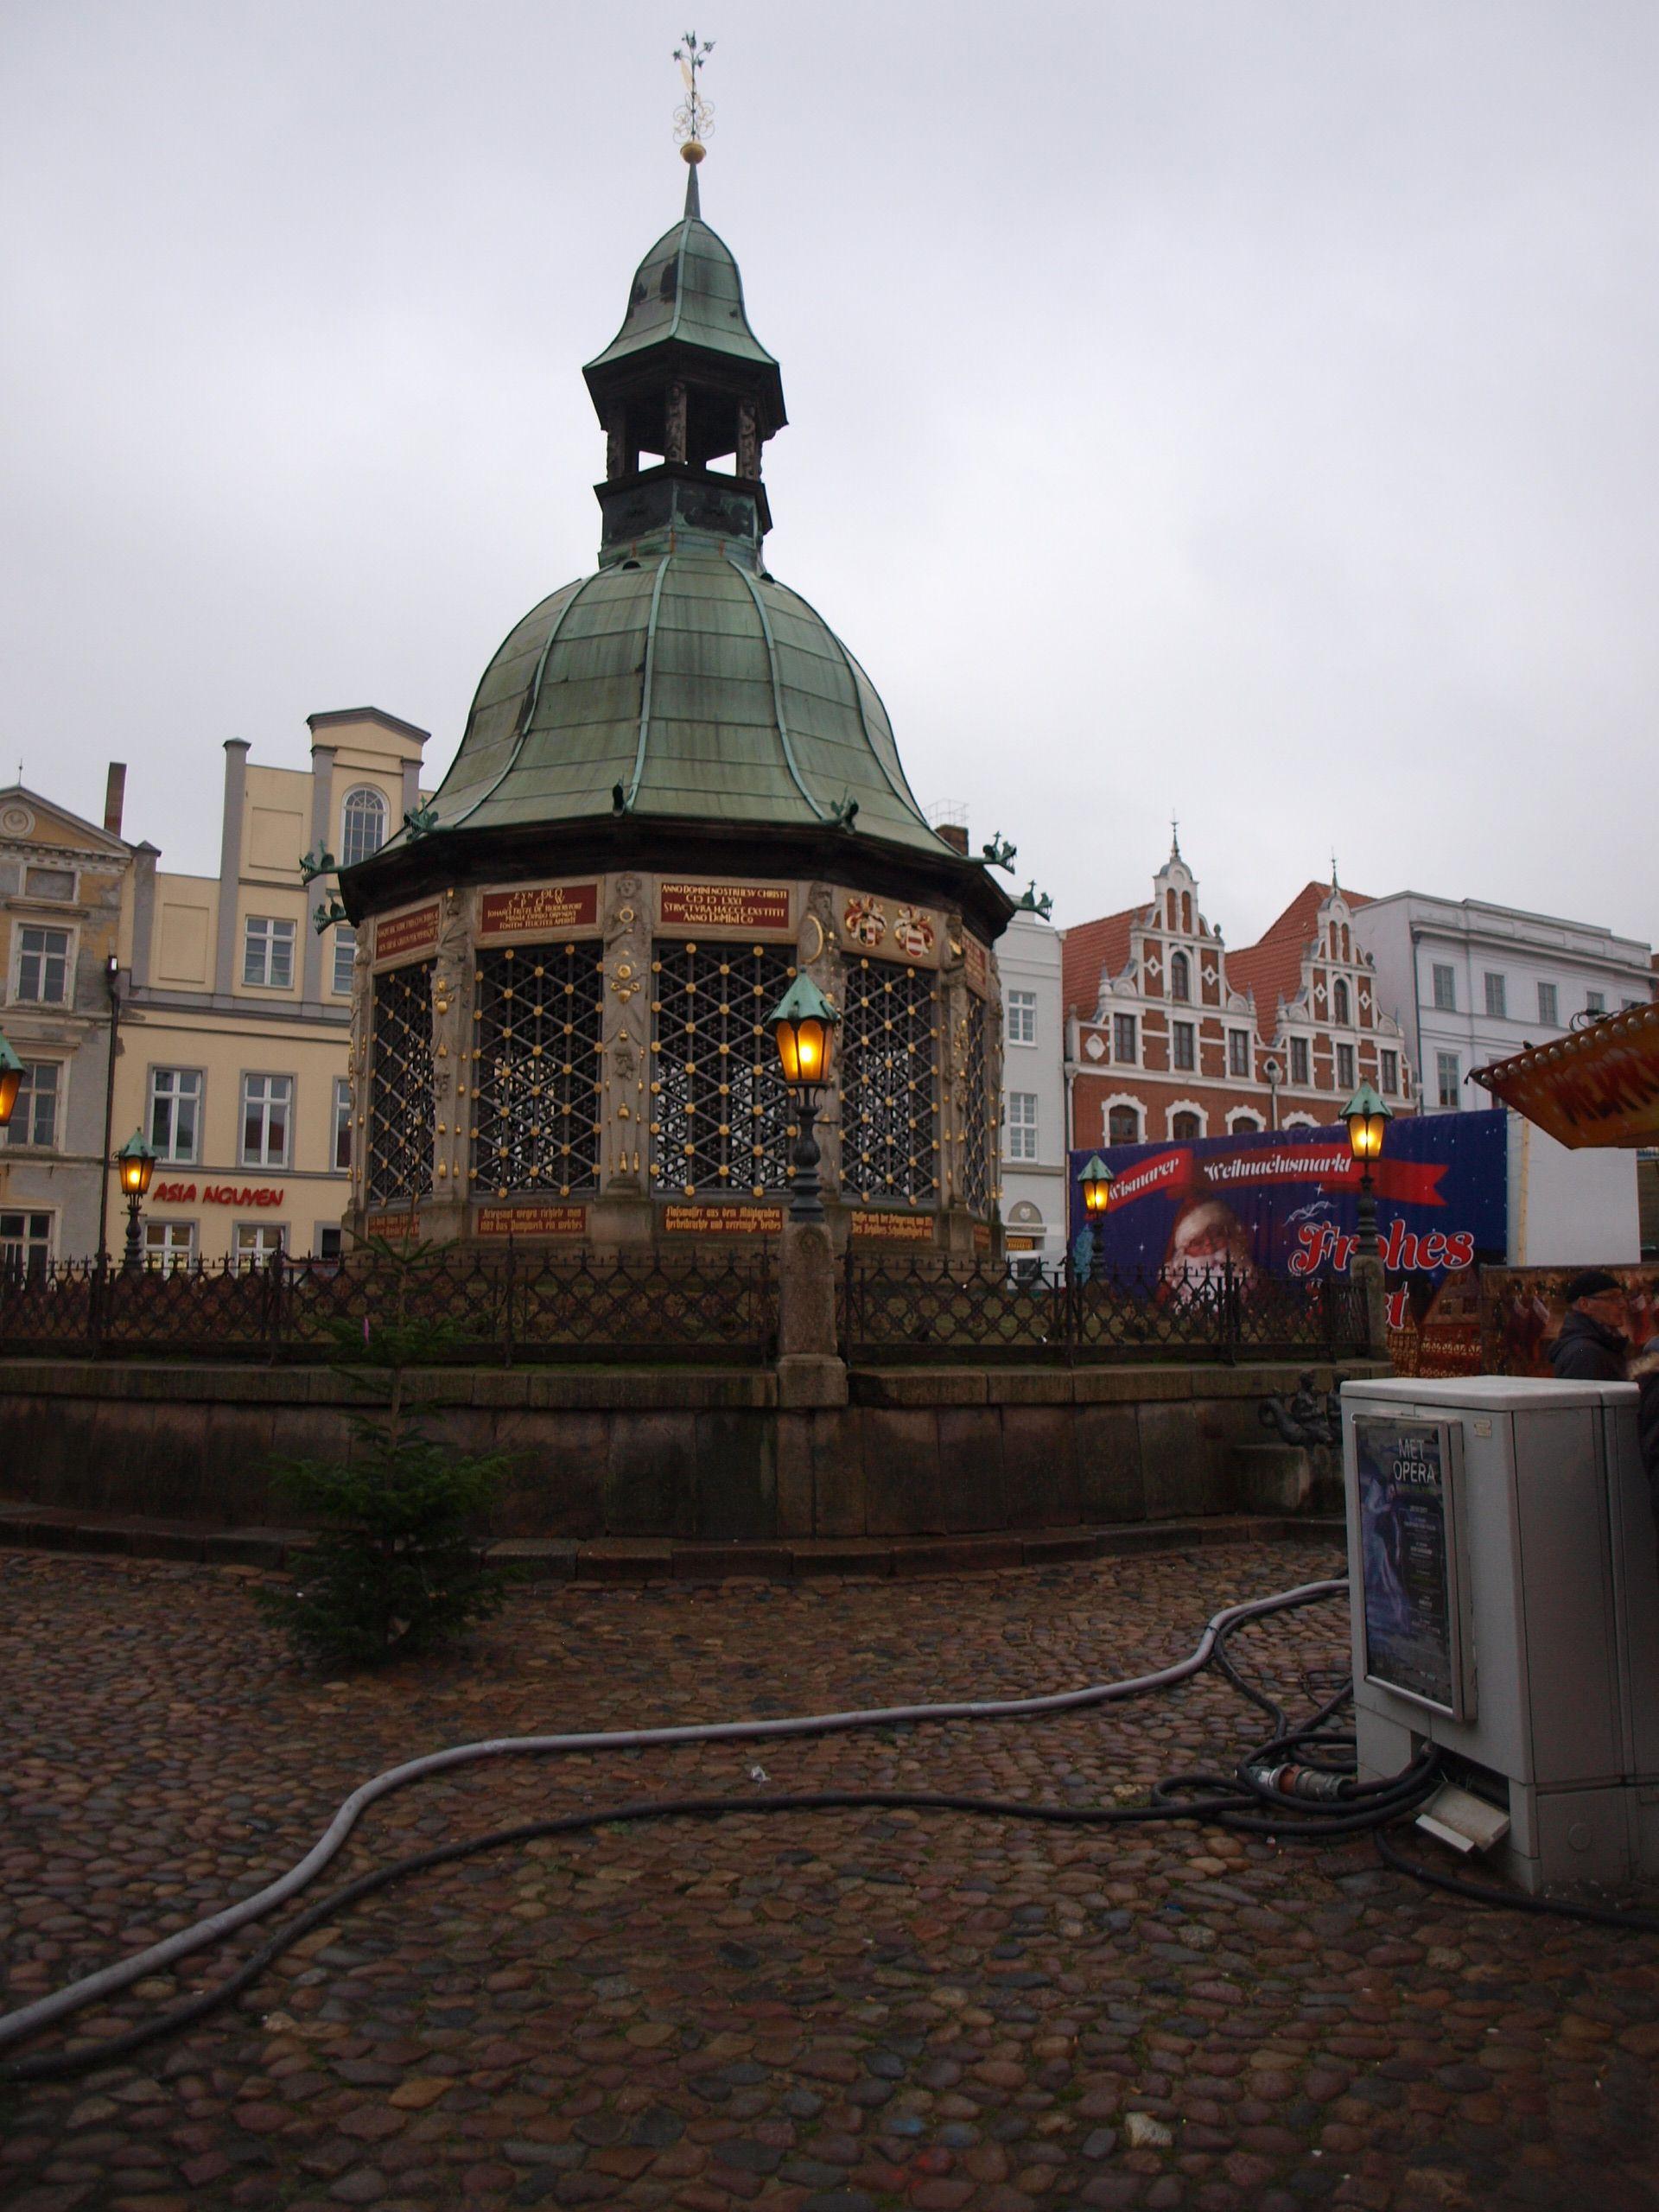 Wismar Weihnachtsmarkt 2021